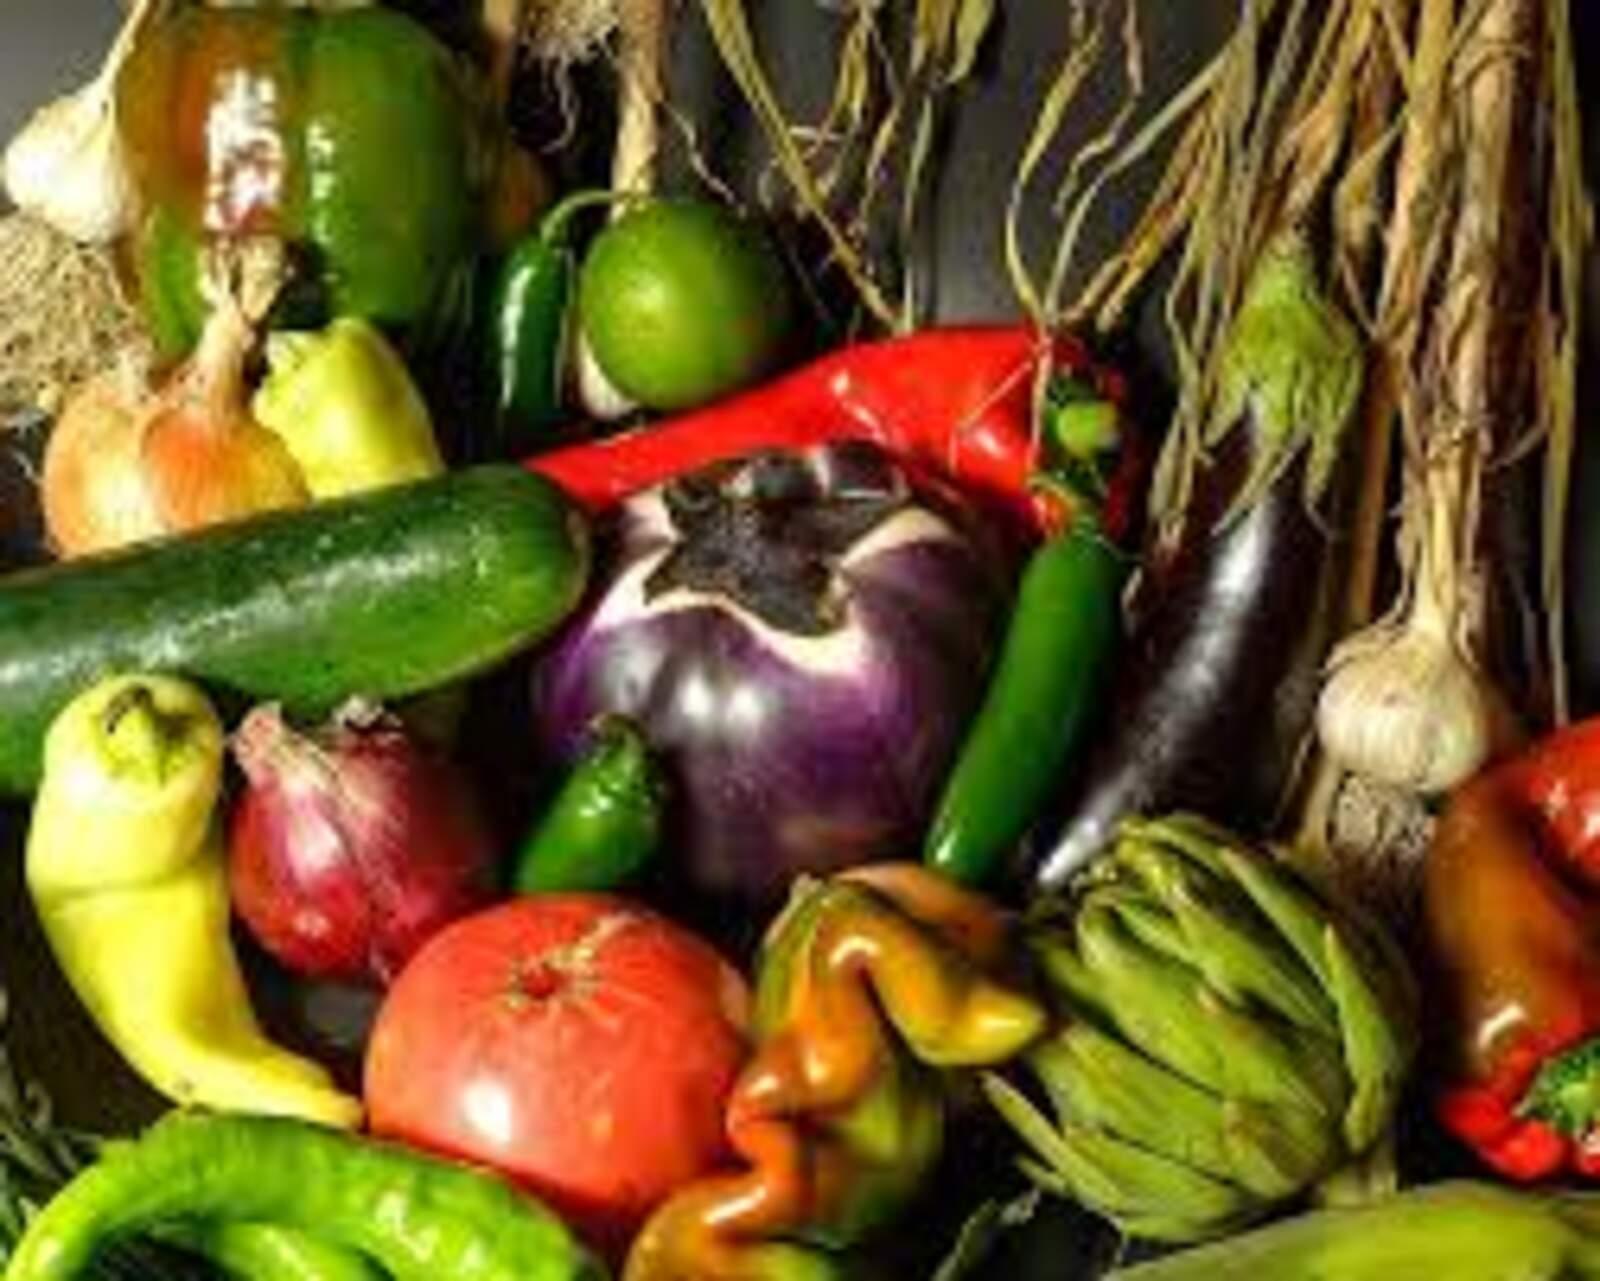 L'excedent d'hortalisses amb el  finançament europeu es convertirà en sopes nutiritives